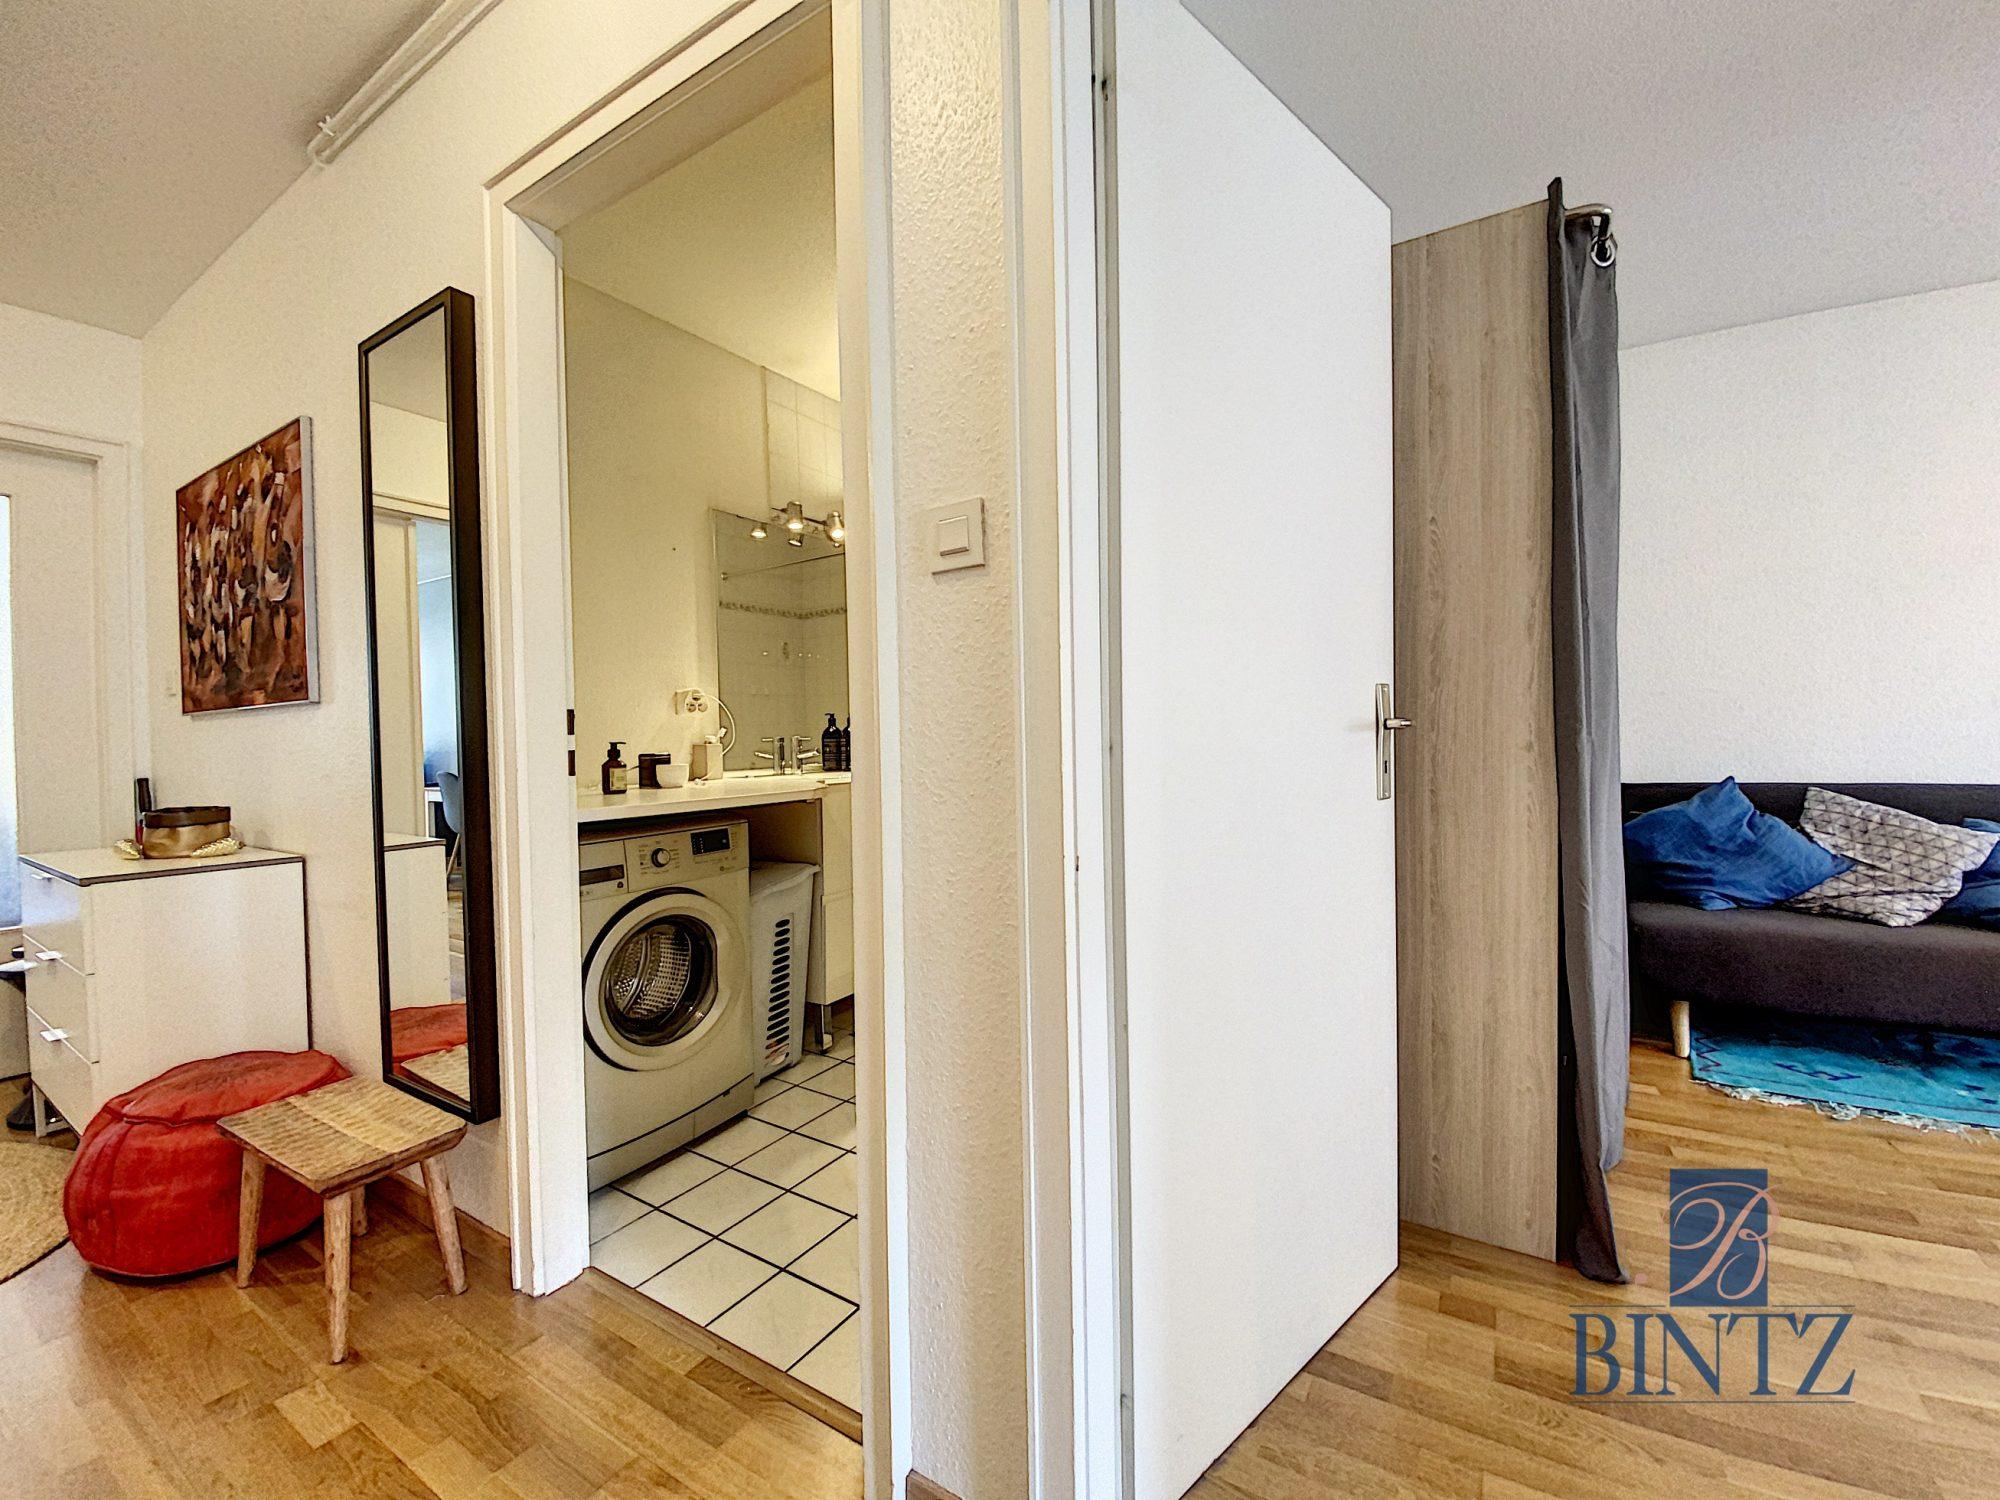 3 PIÈCES NEUSTADT AVEC GARAGE - Devenez locataire en toute sérénité - Bintz Immobilier - 13